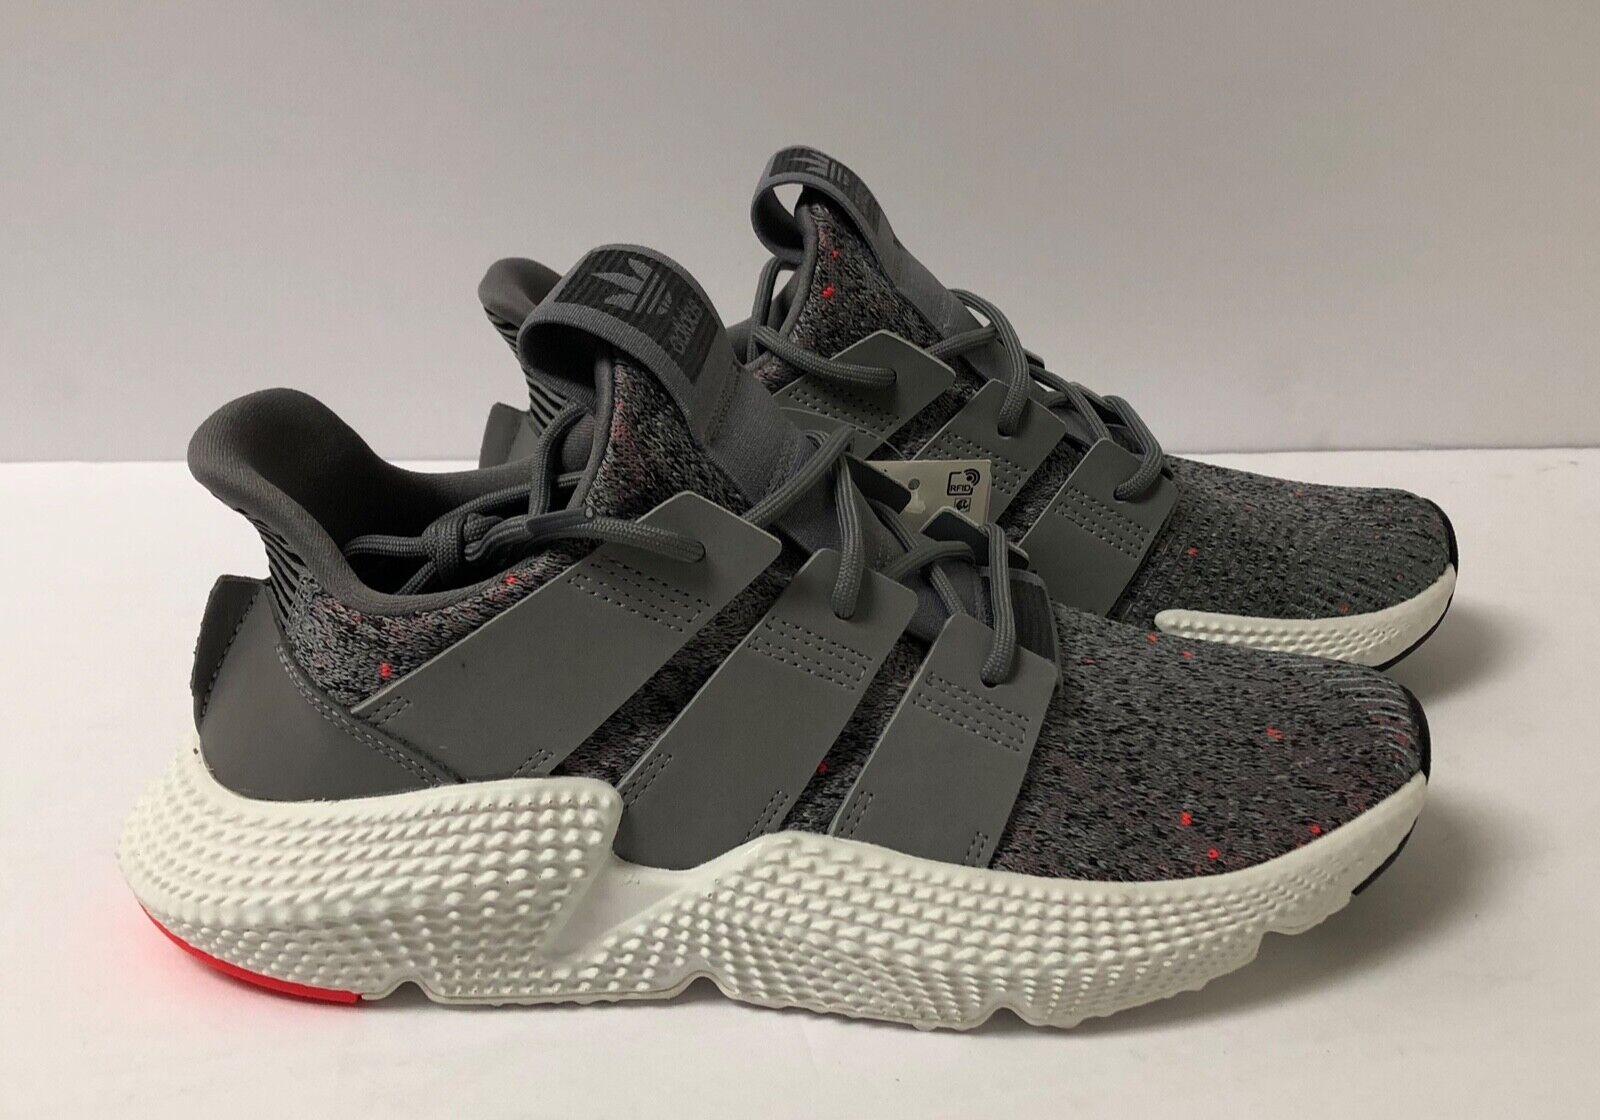 Adidas prophere cq3023 - men's US size 7 - grey  multicolor